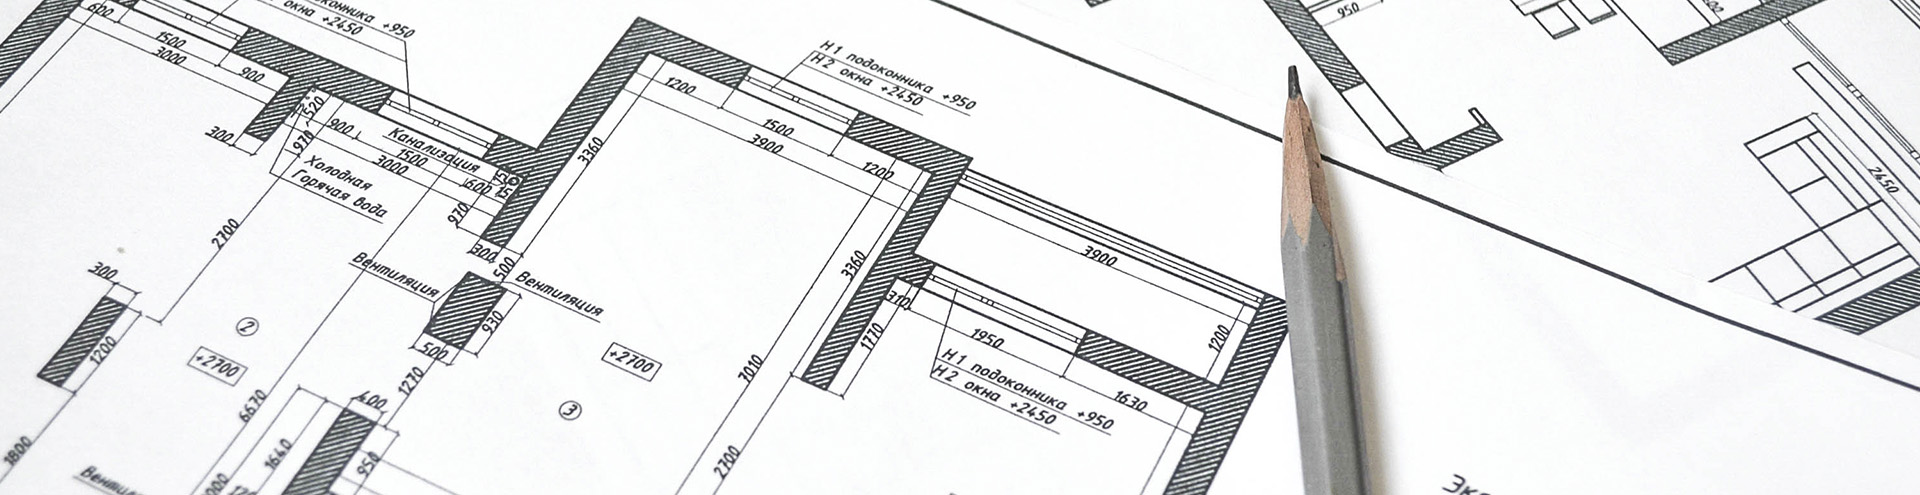 согласование перепланировки нежилого помещения в Чебоксарах